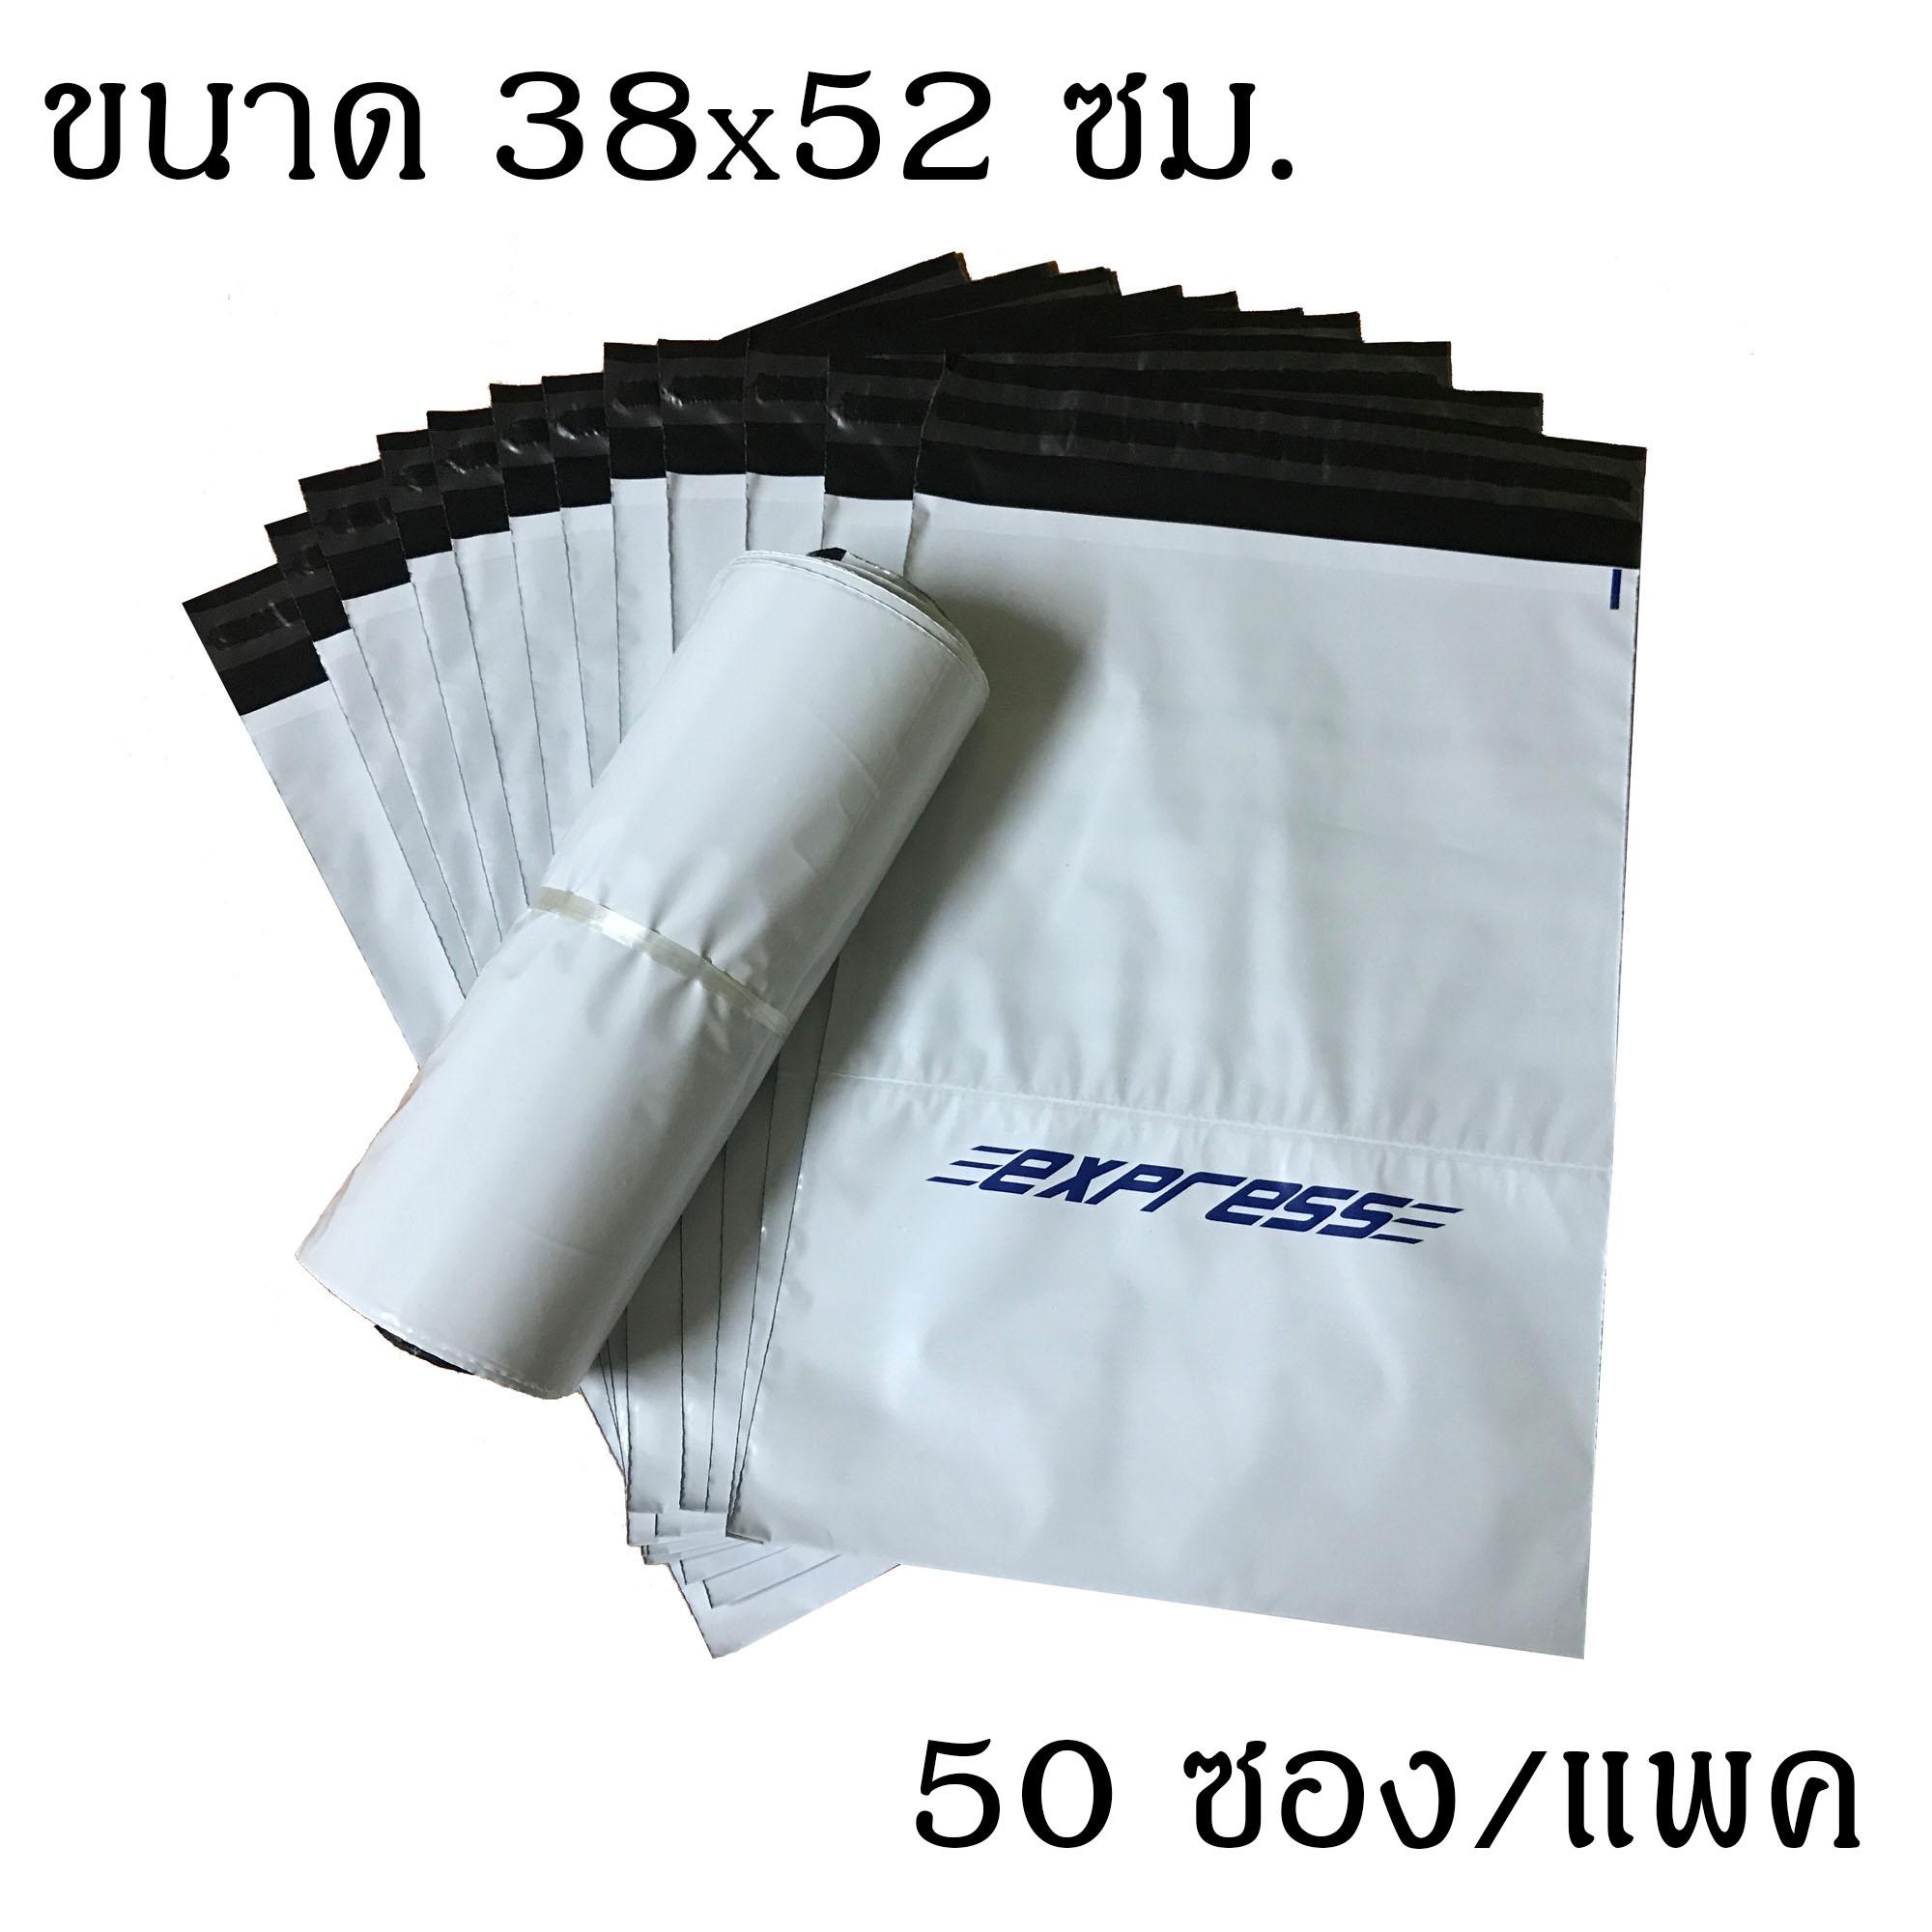 ซองไปรษณีย์พลาสติกพร้อมซองใส ขนาด 38x52 ซม. 50ซอง/แพค